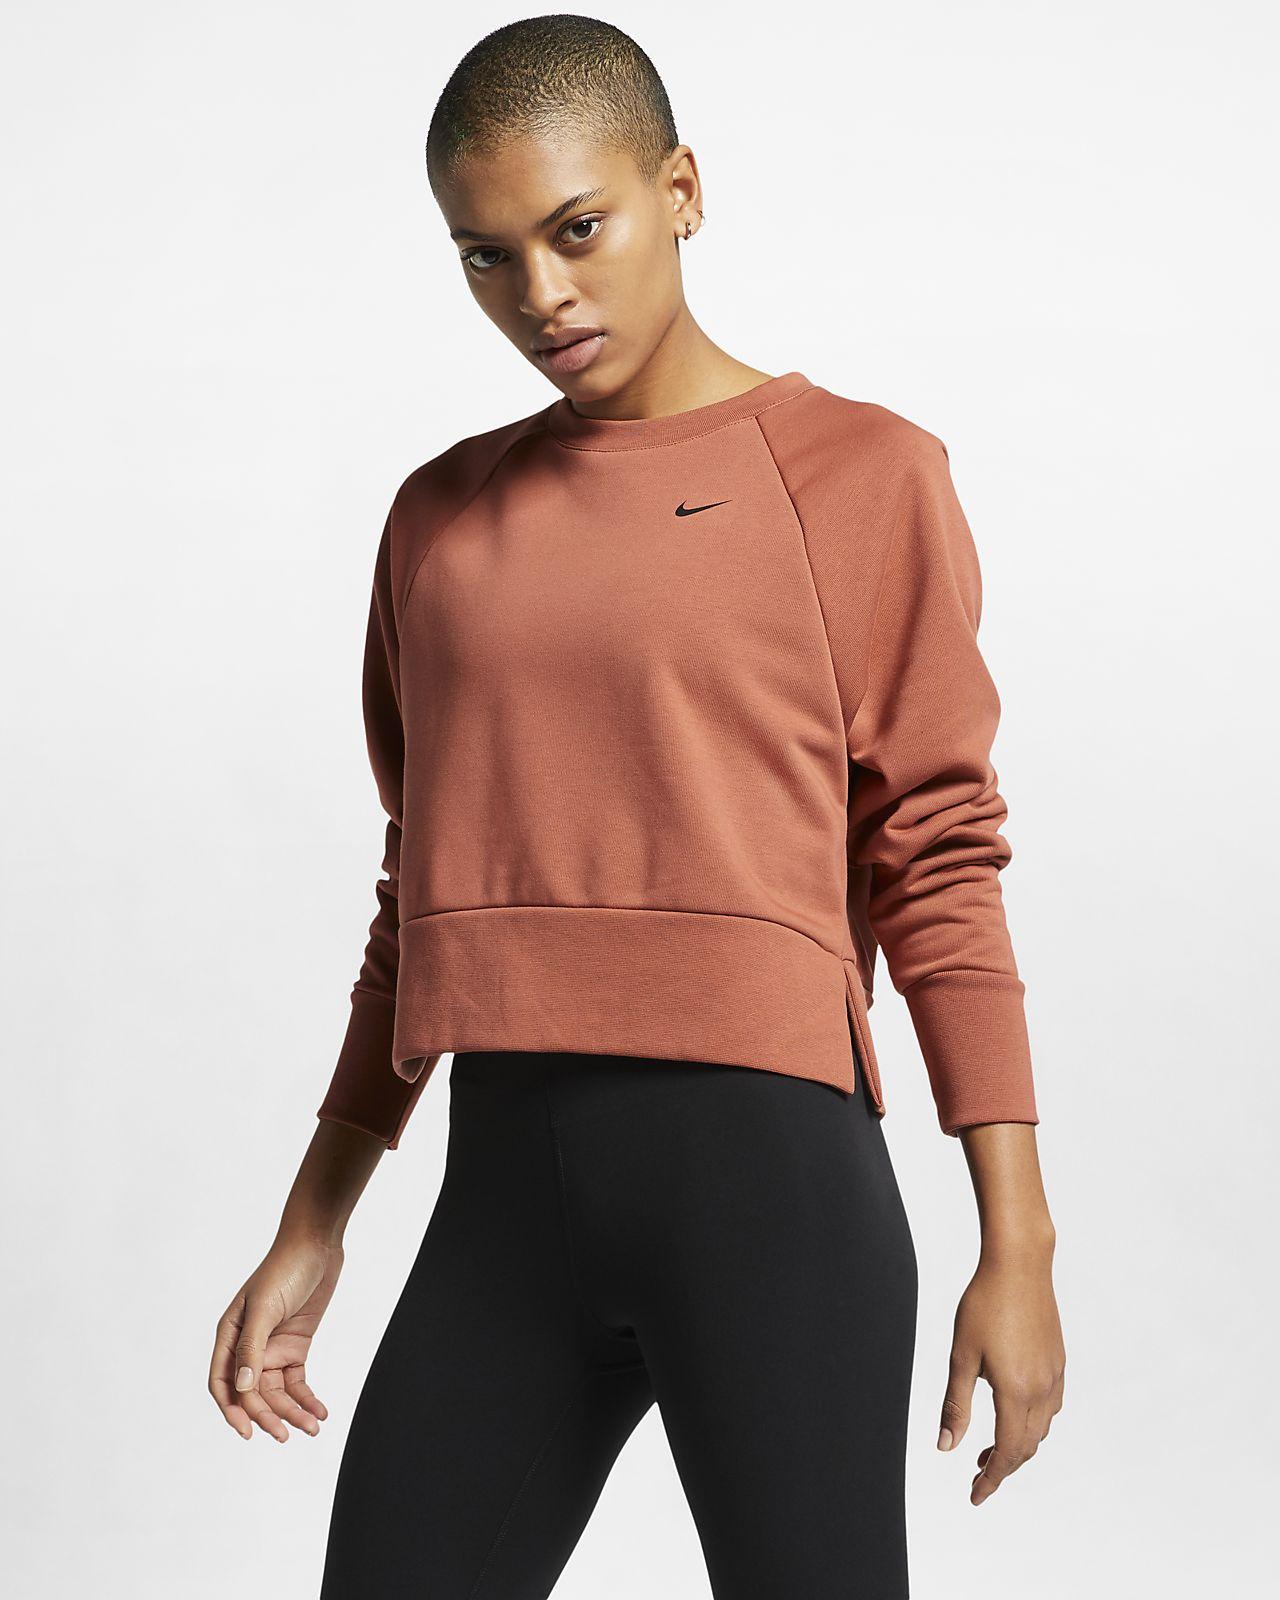 aa486e57 Nike Dri-FIT Women's Long-Sleeve Yoga Training Top. Nike.com LU